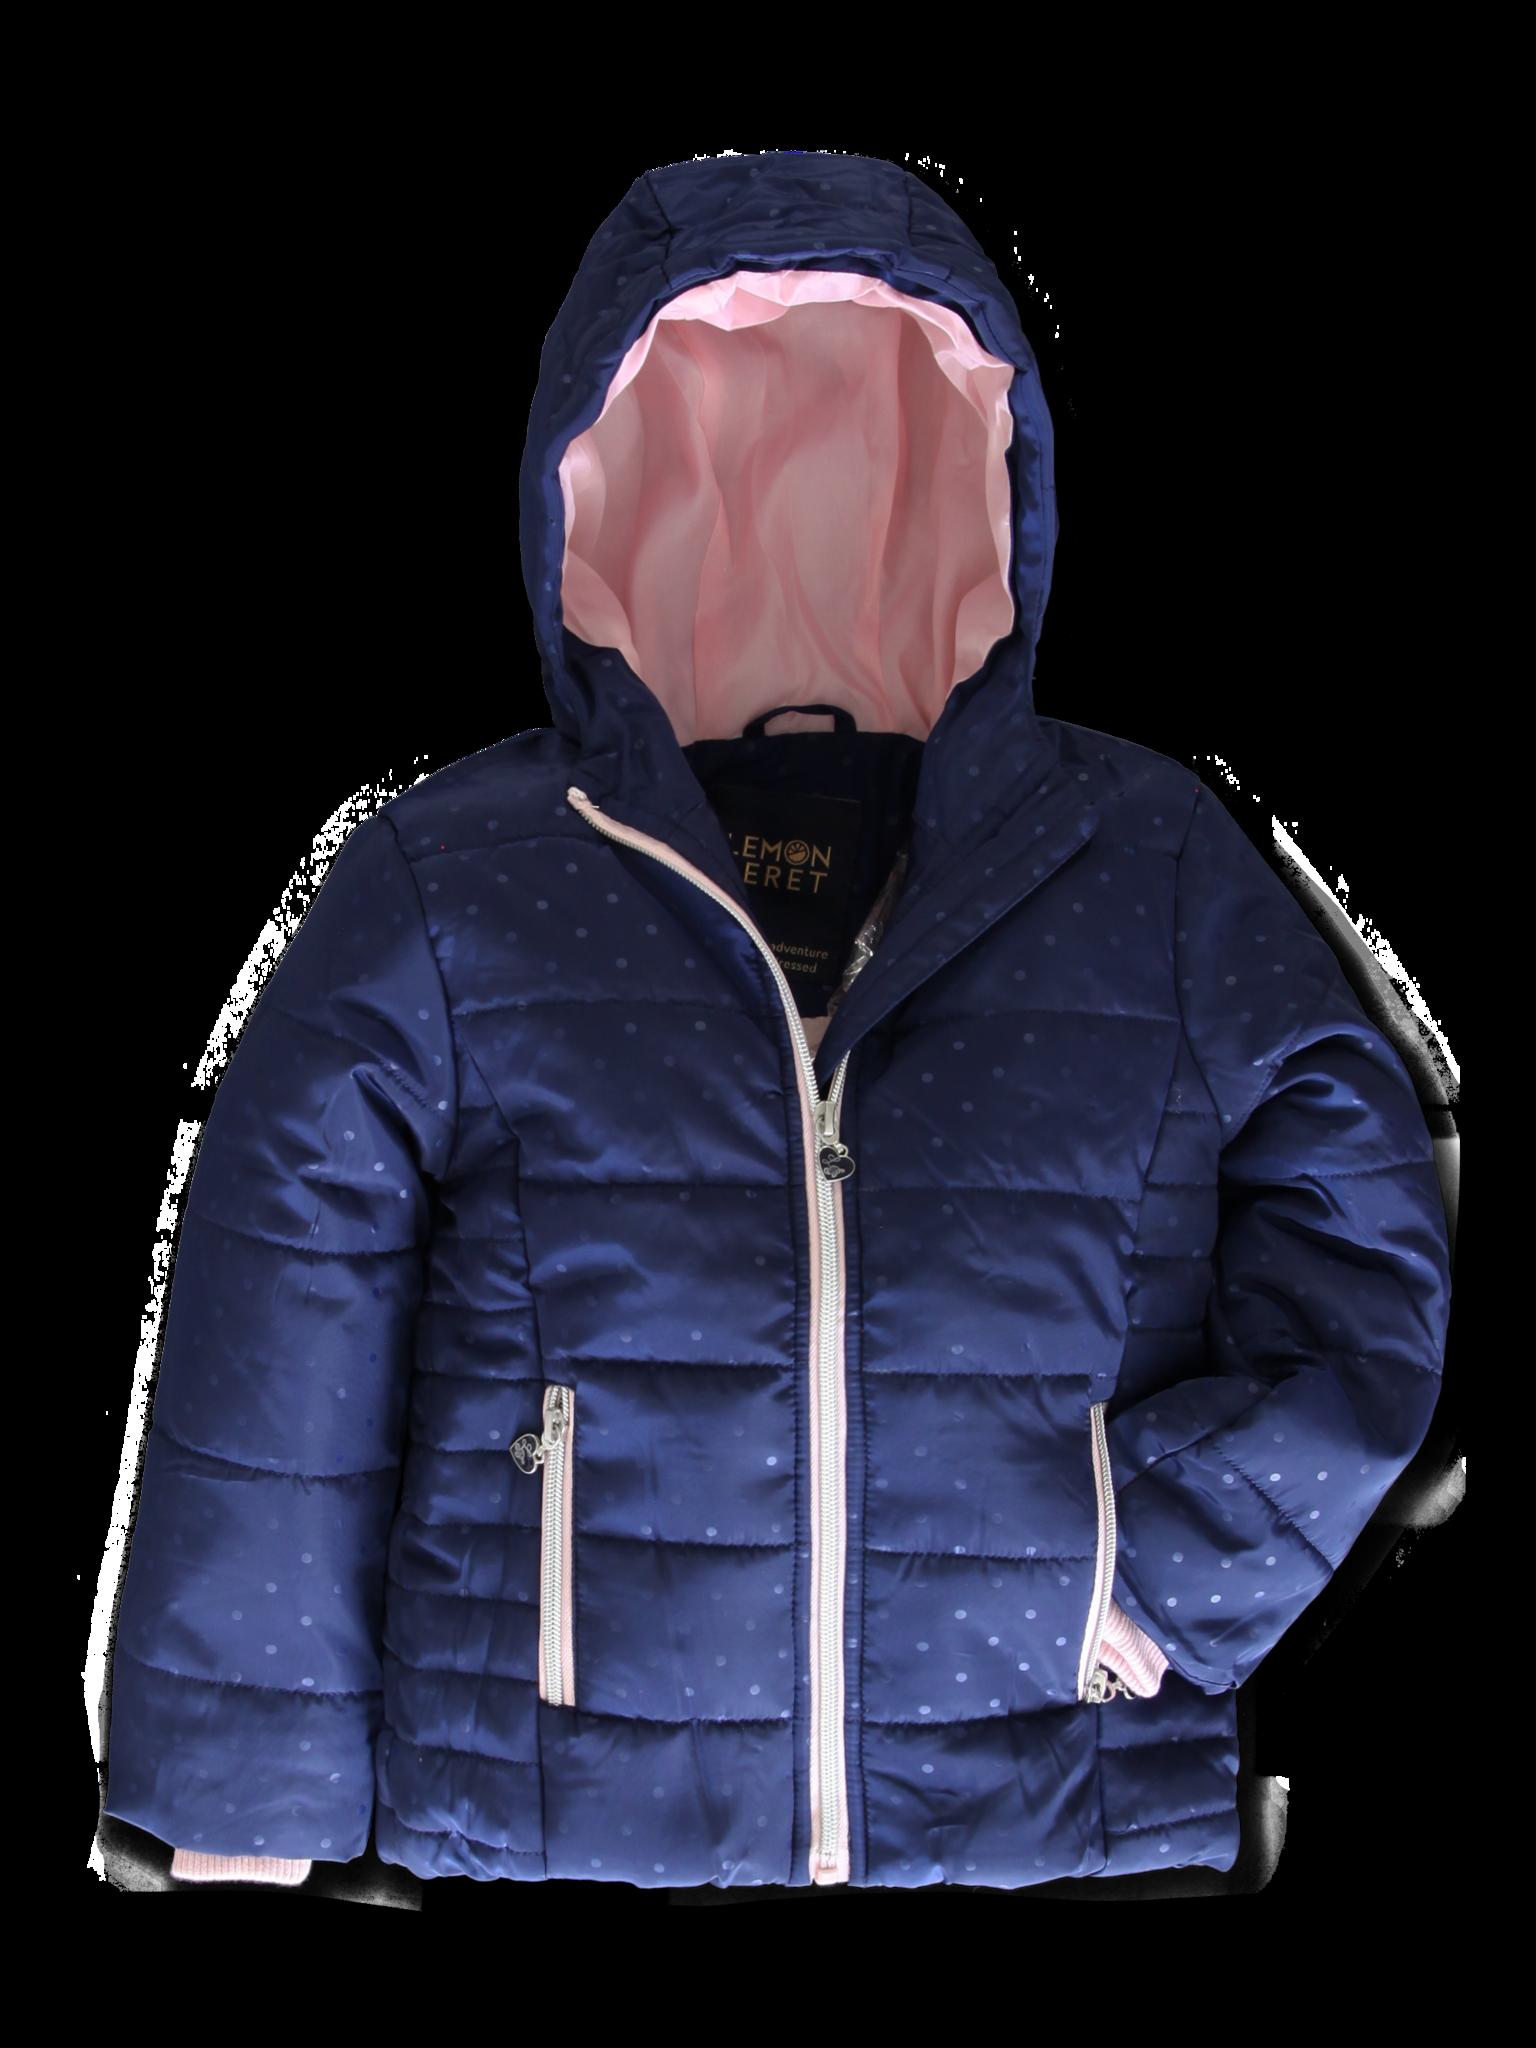 Lemon Beret | Winter 2019 Small Girls | Jacket | 10 pcs/box